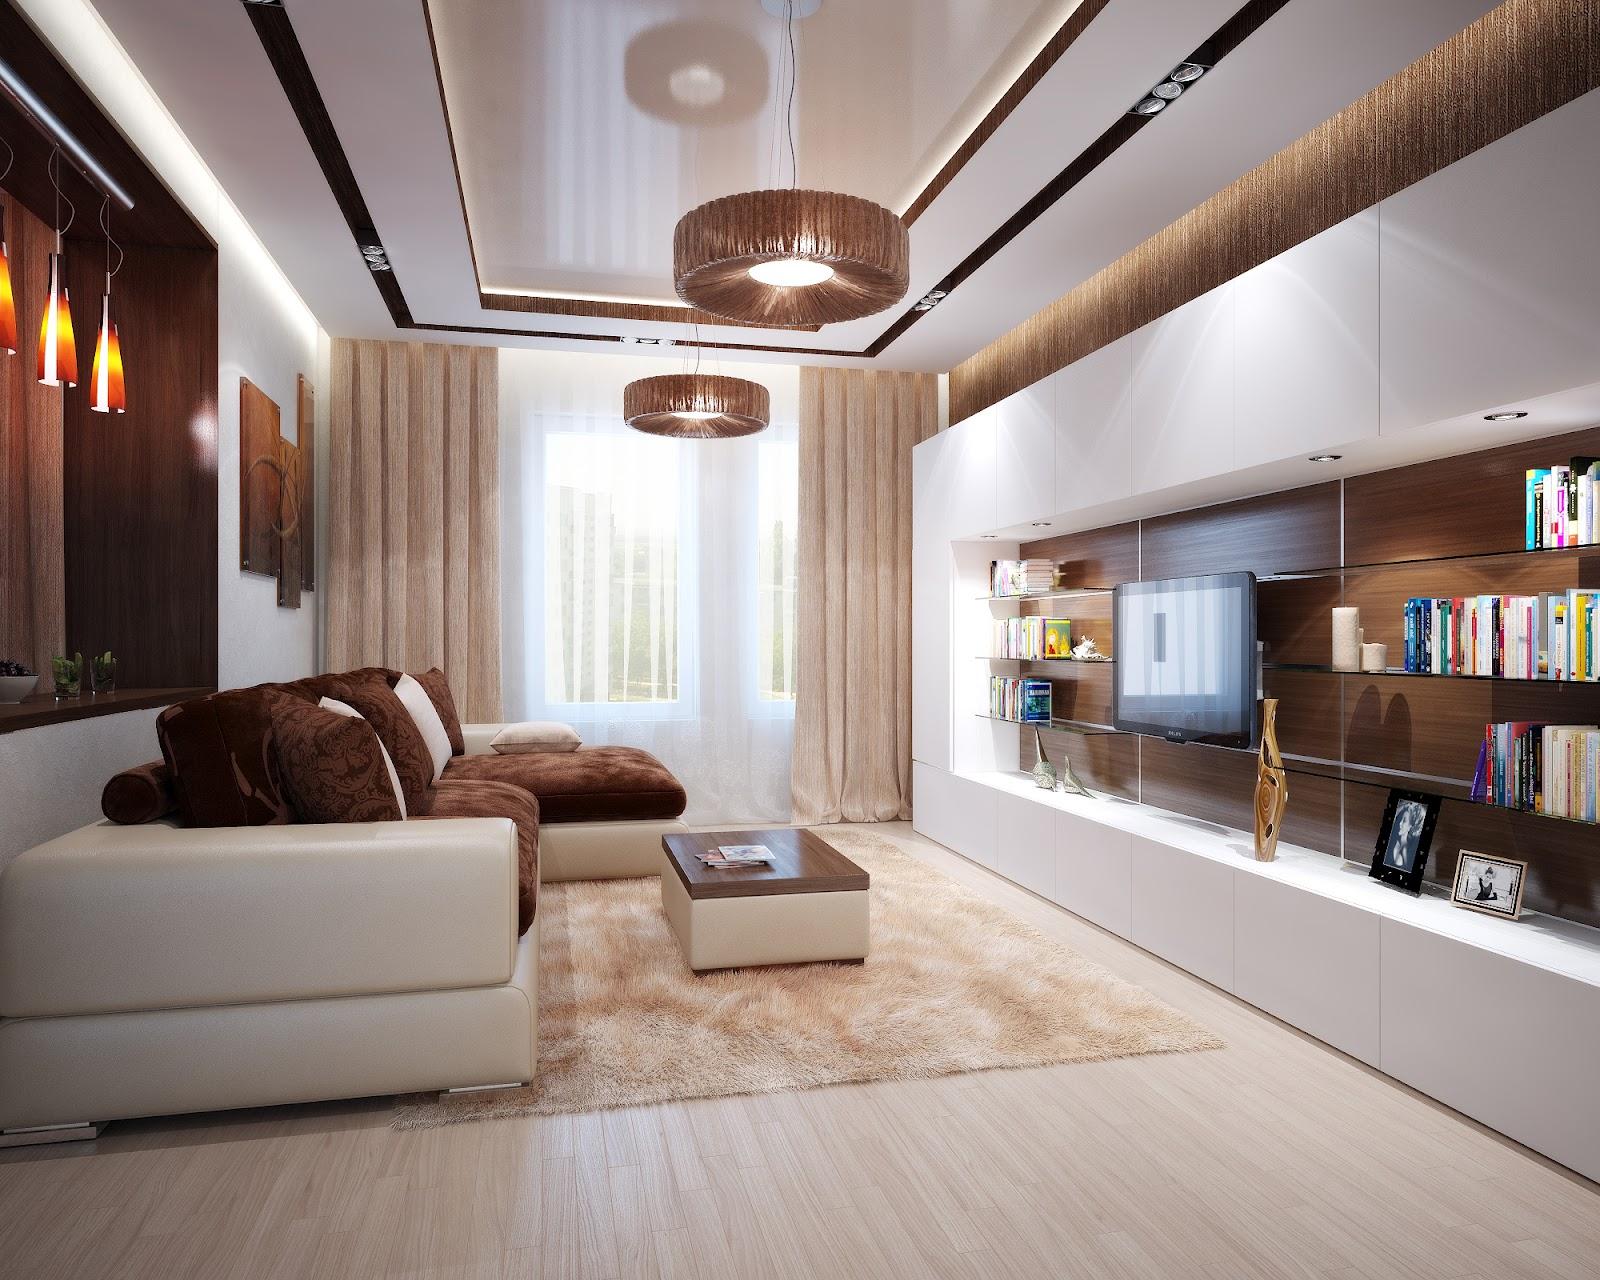 Фото дизайн интерьера гостиной в современном стиле фото